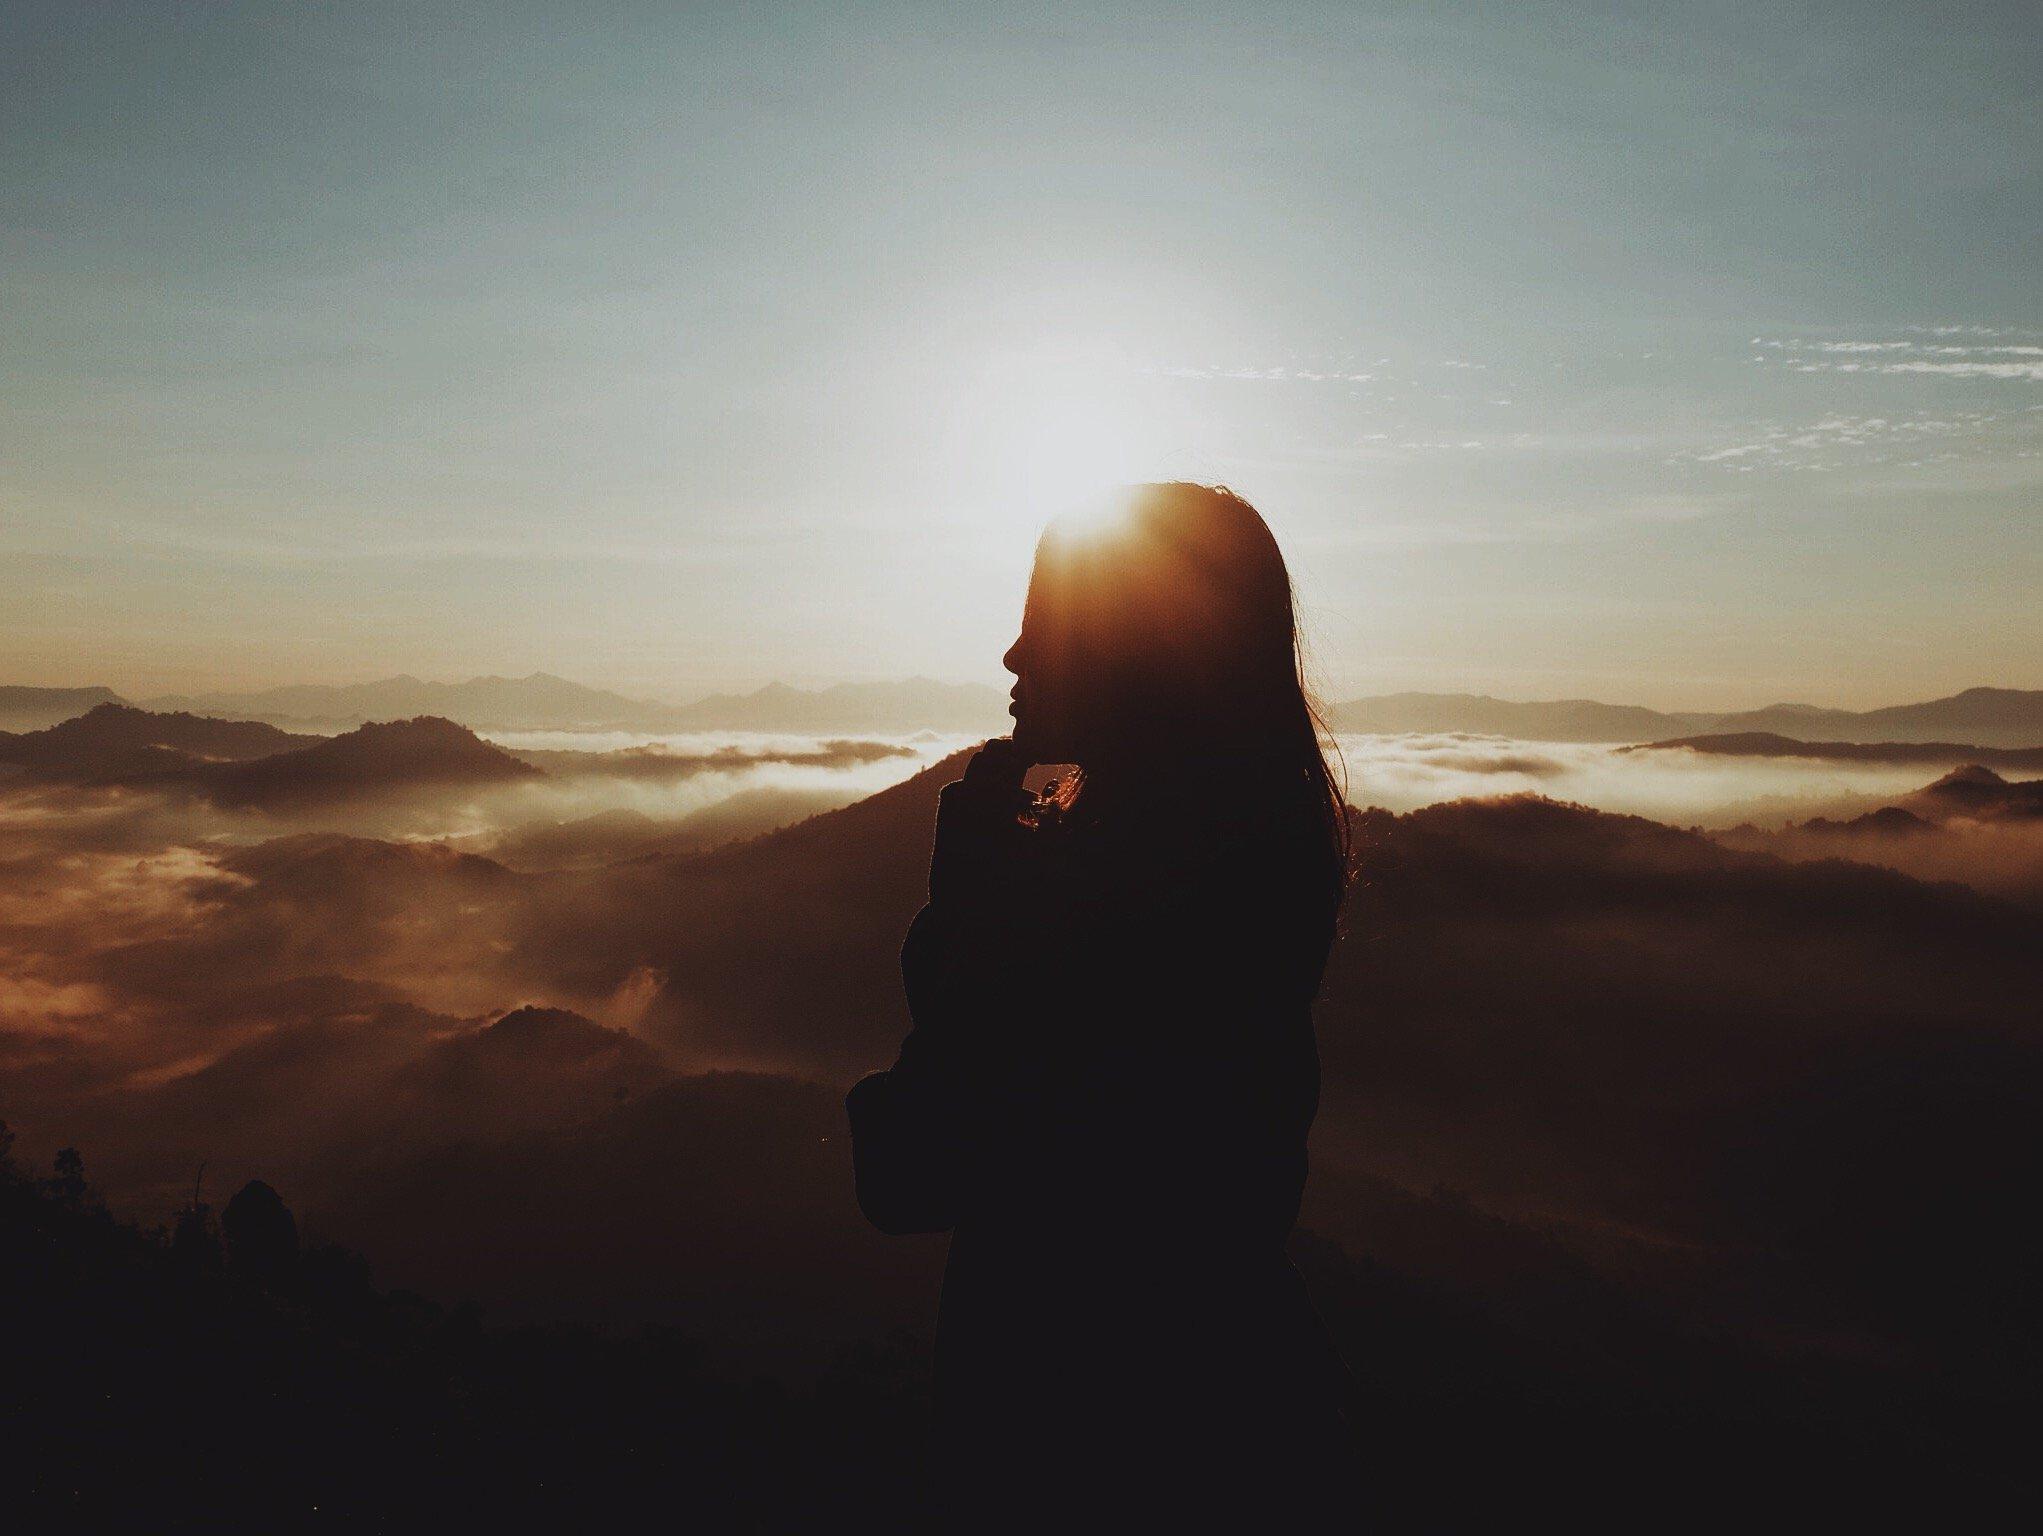 Silhueta de mulher em uma montanha e pôr do sol